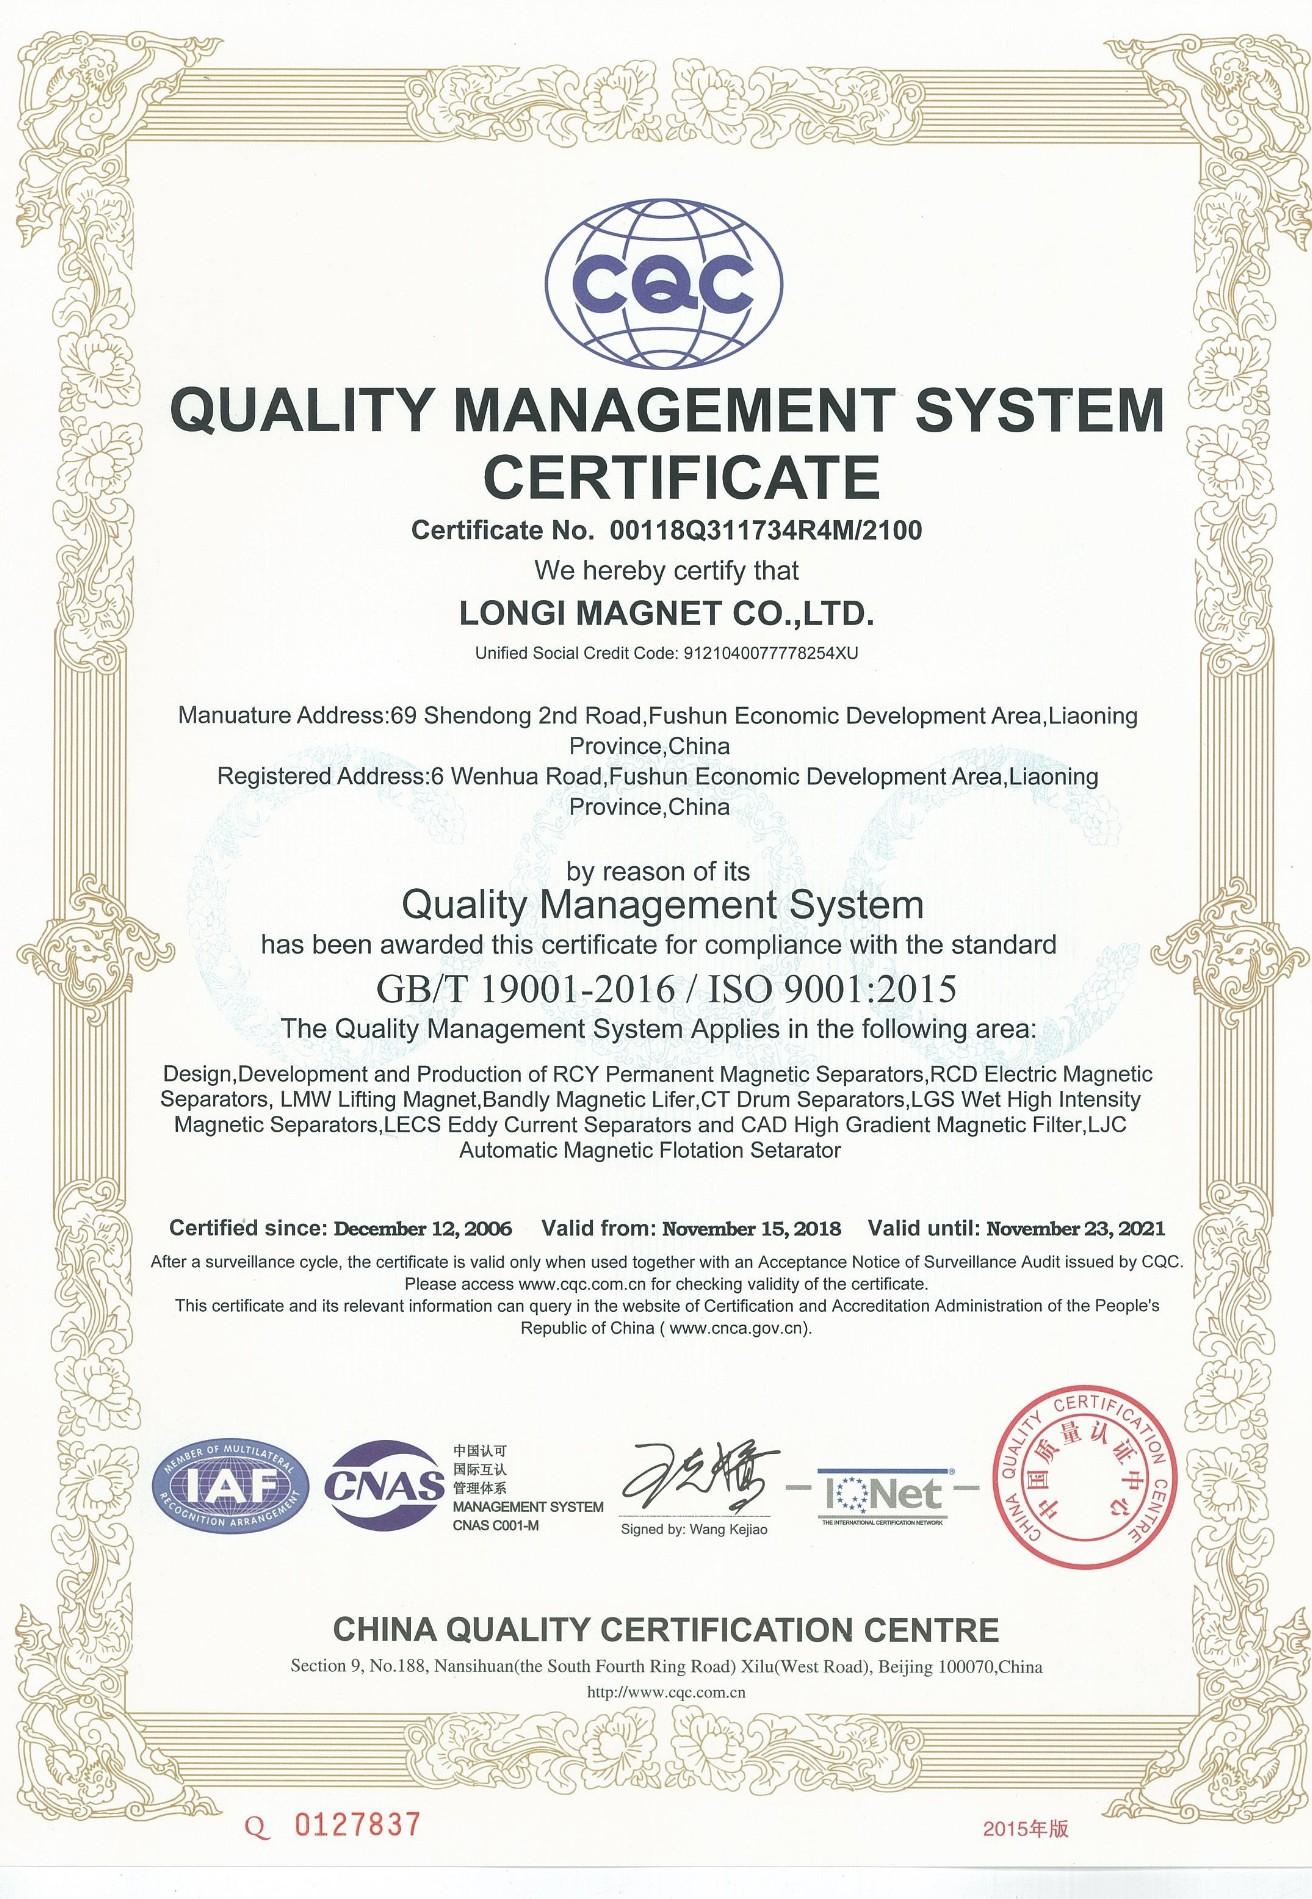 אישור מערכת ניהול איכות